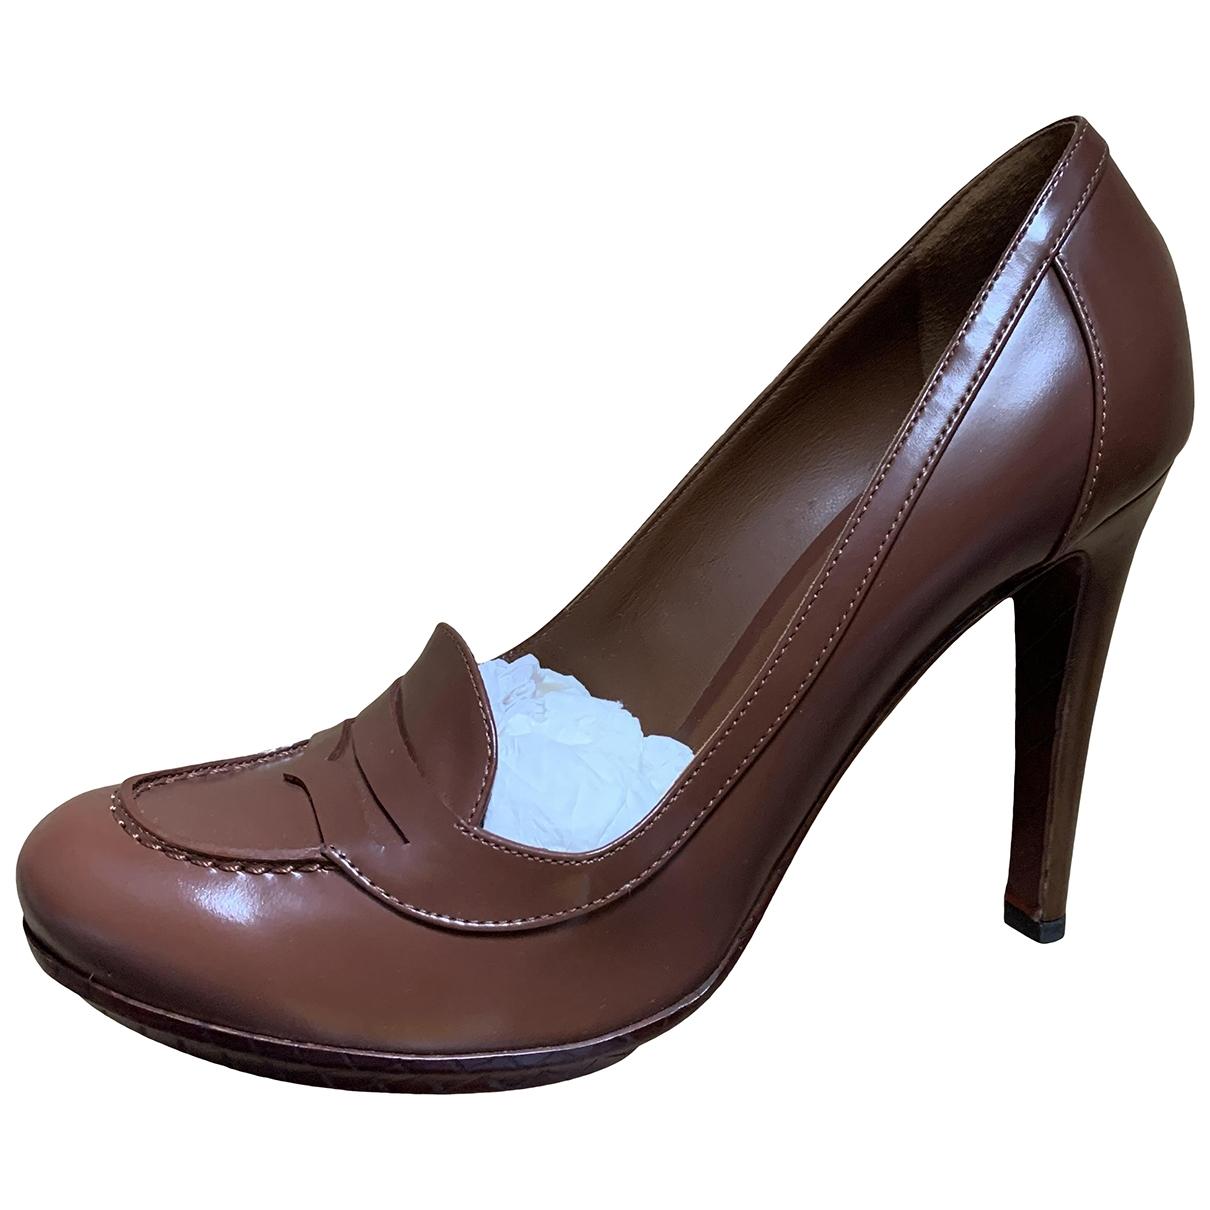 Bottega Veneta \N Brown Leather Heels for Women 40 EU